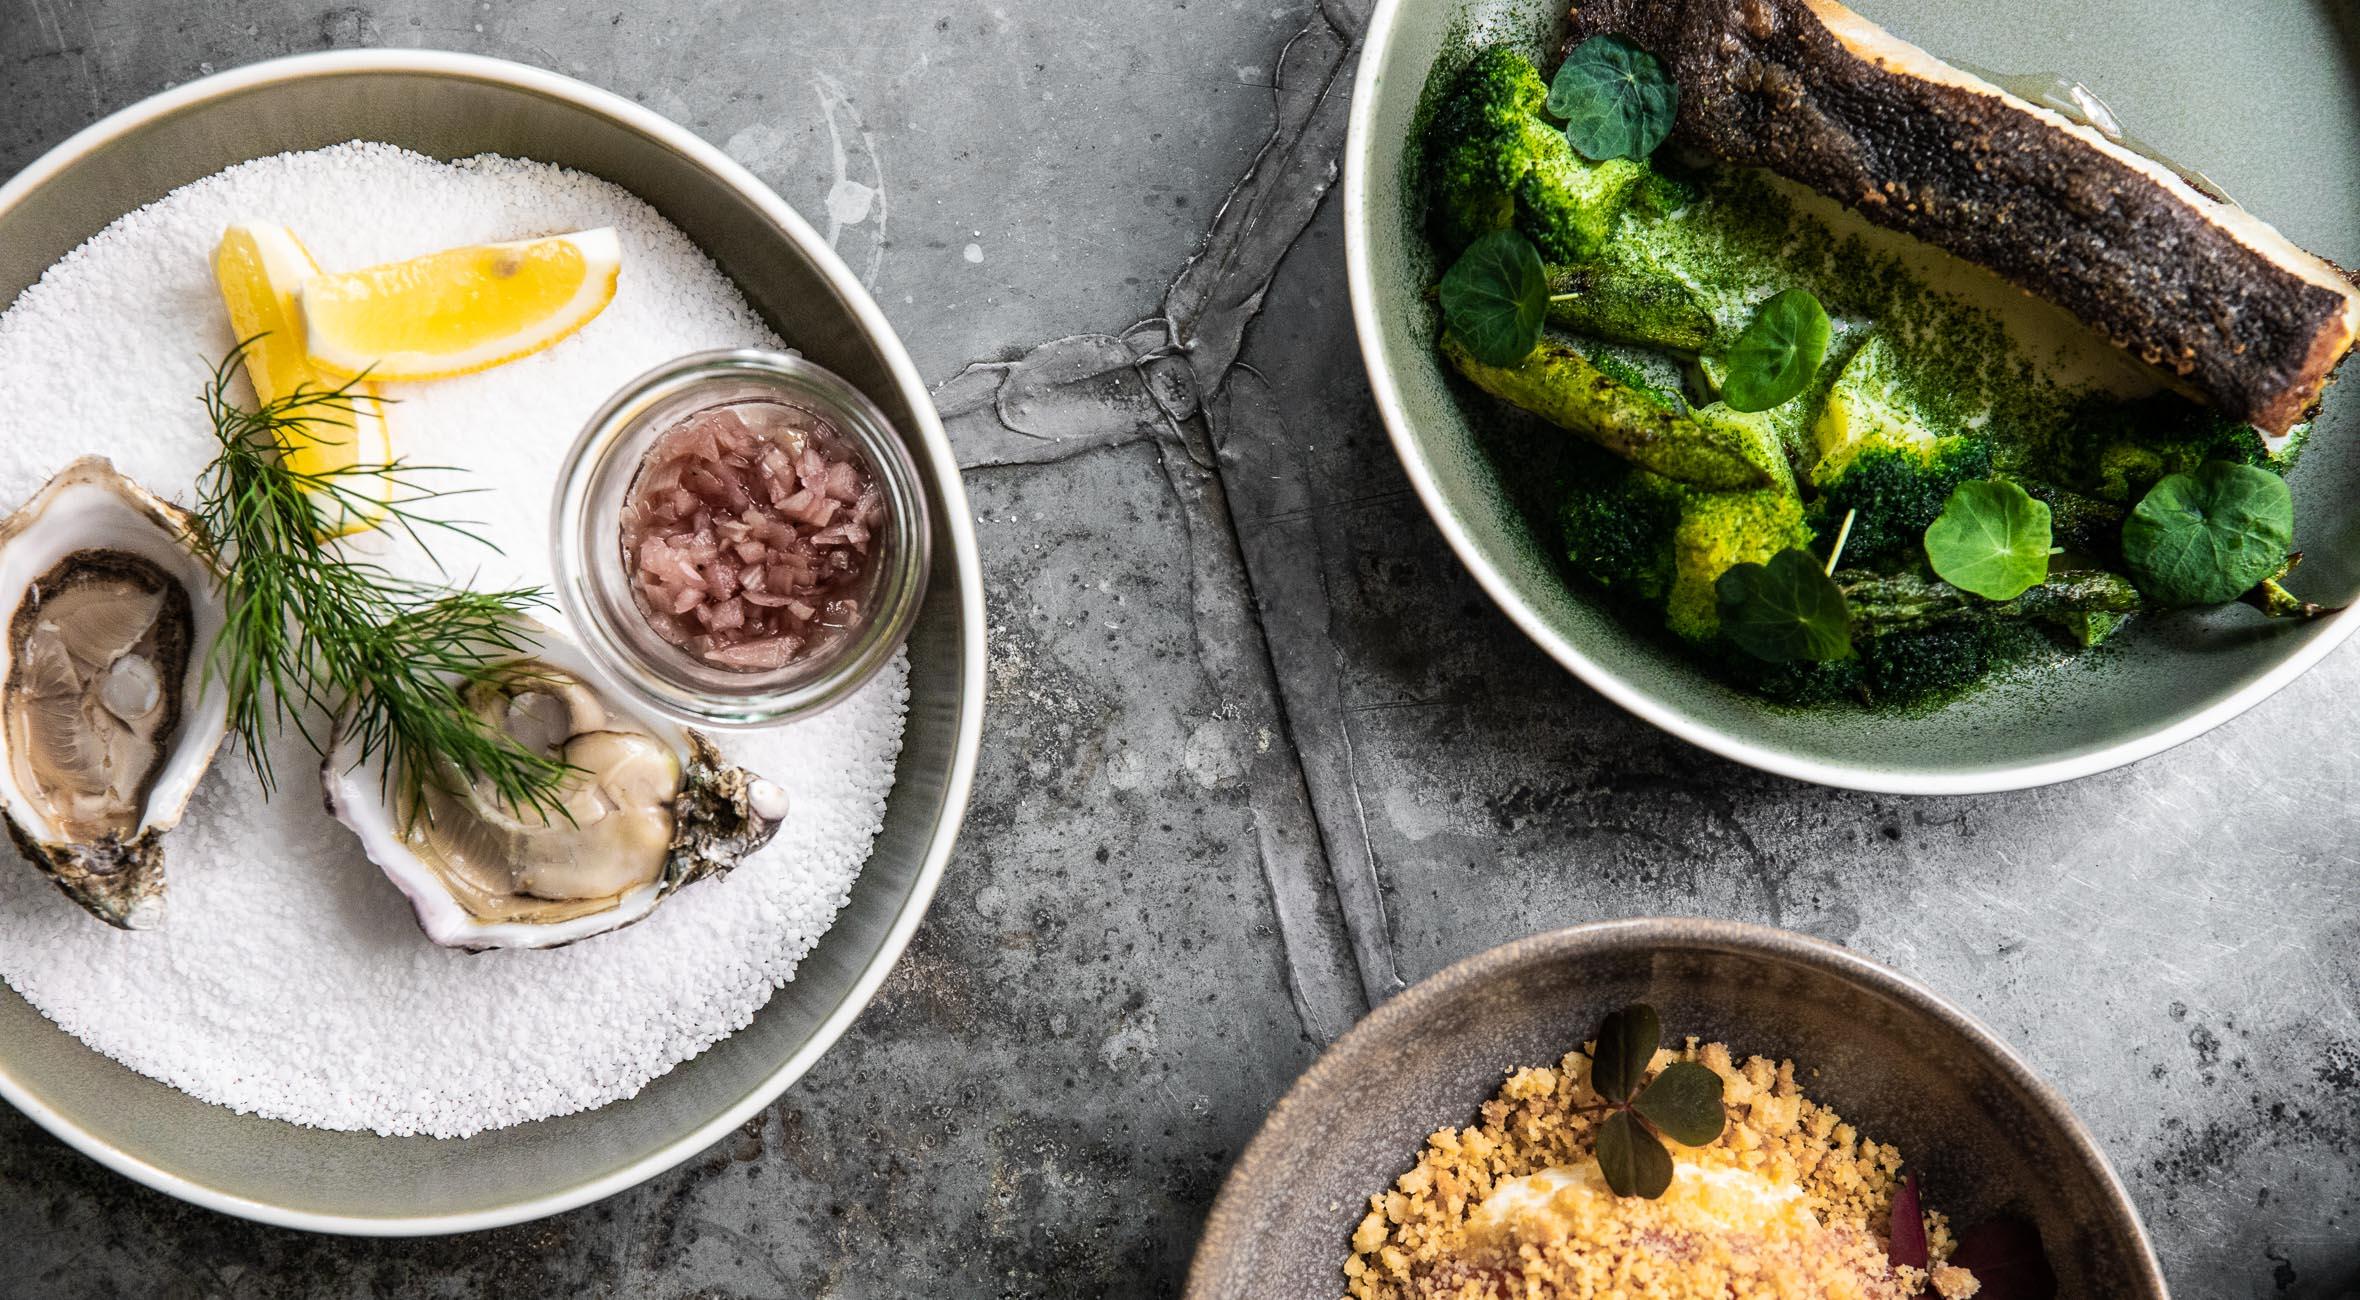 5-retters menu hos Restaurant Zeleste ved Kgs. Nytorv – Nyd fransk-nordisk gastronomi i én af byens hyggeligste restauranter